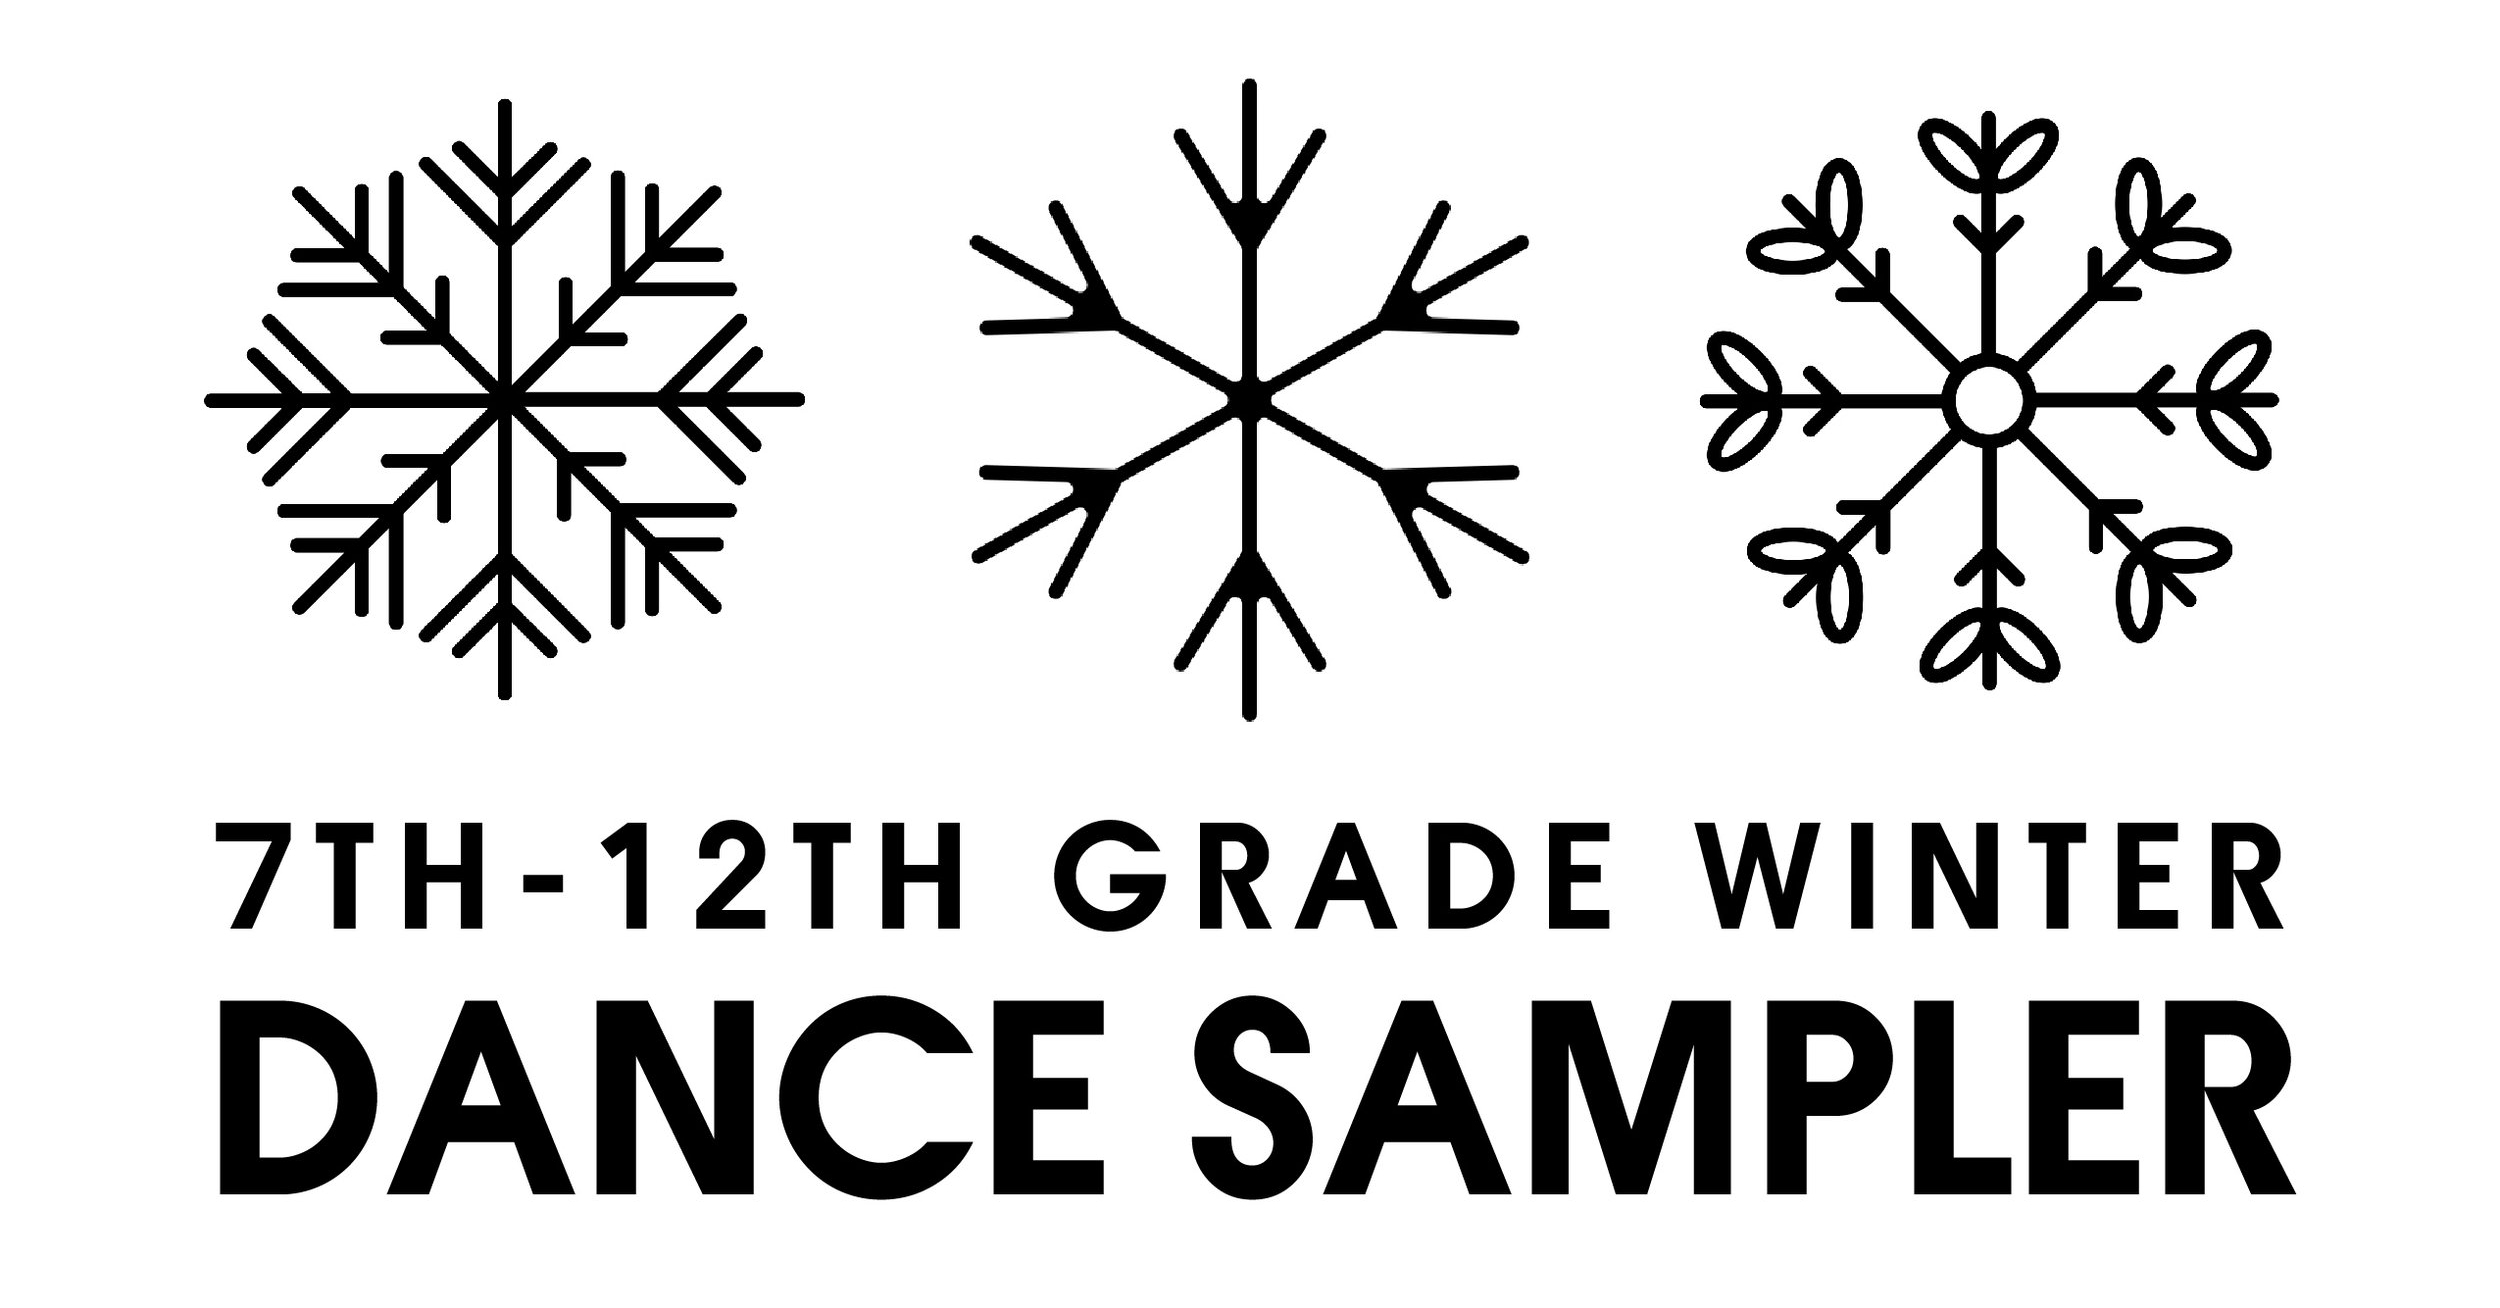 dance sampler logo-01.jpg